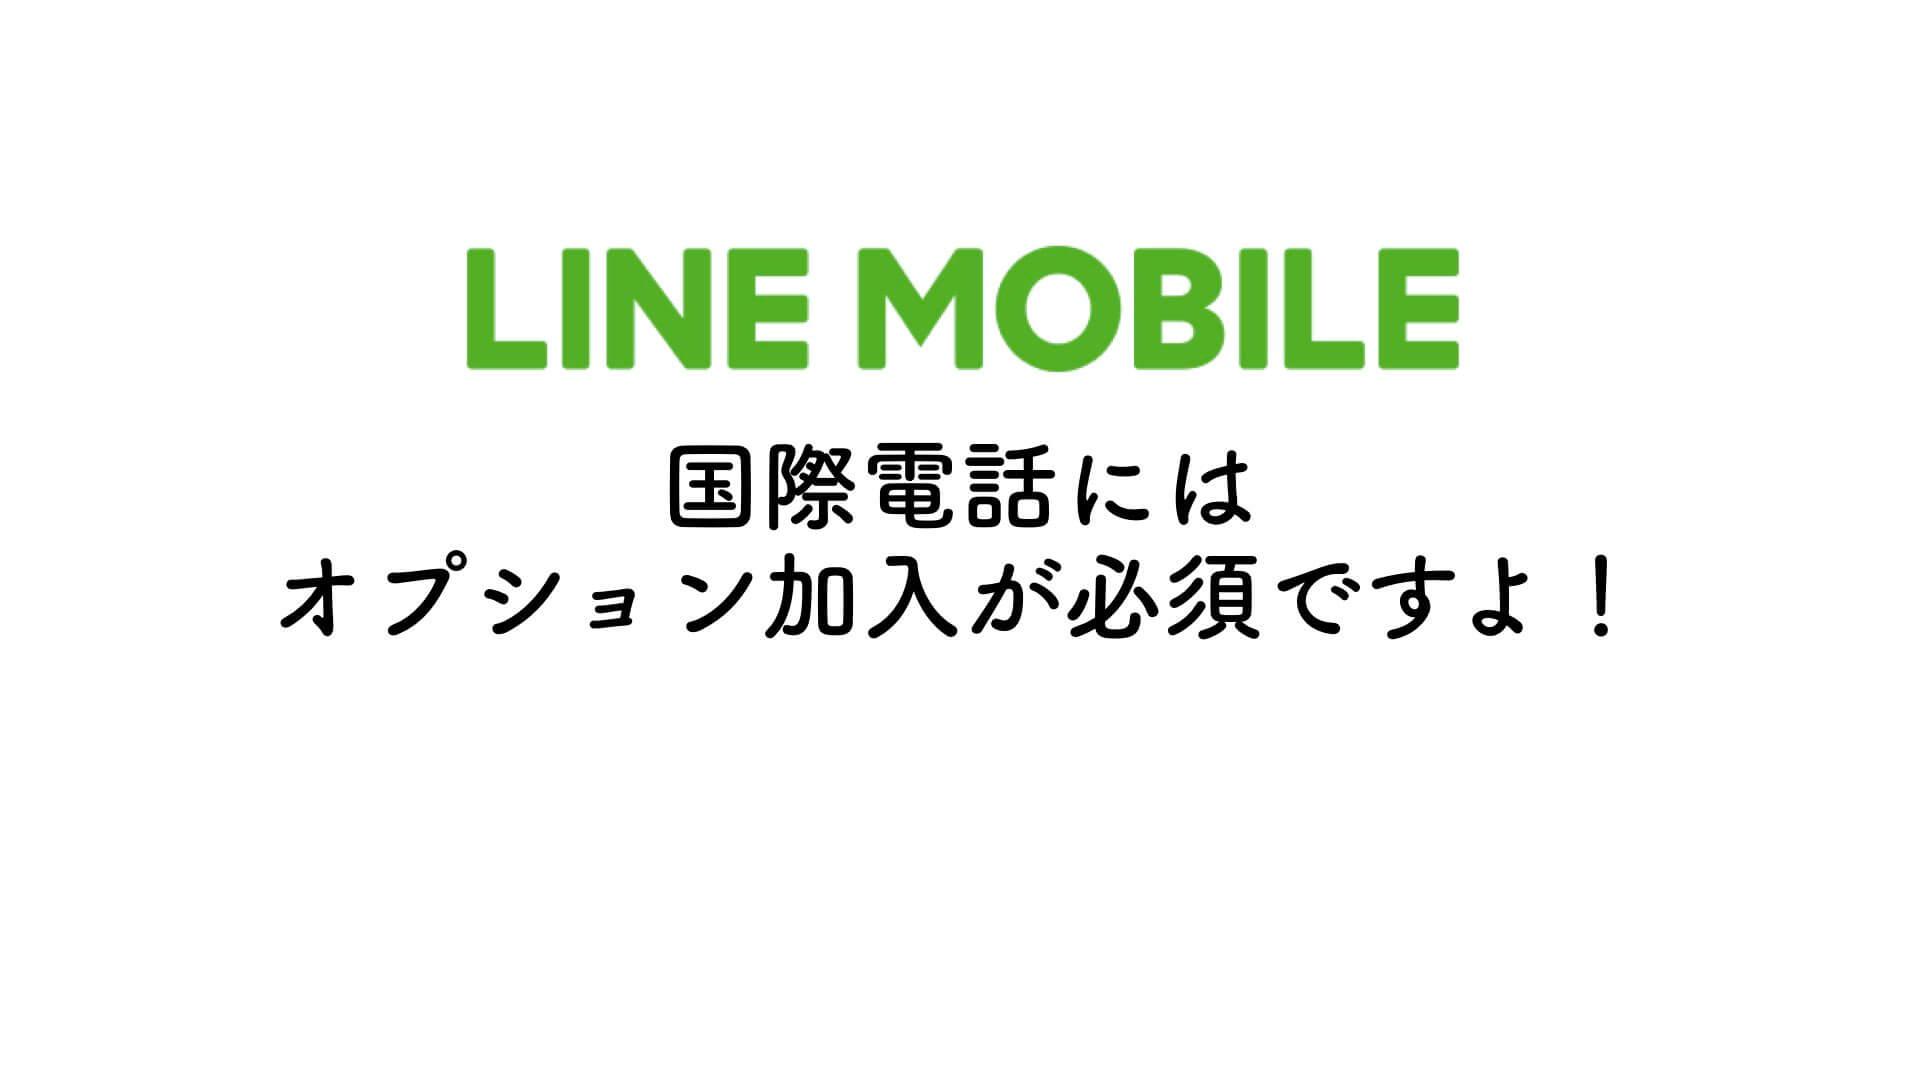 ラインモバイルの国際電話にはオプション加入が必須?やり方方法まとめ